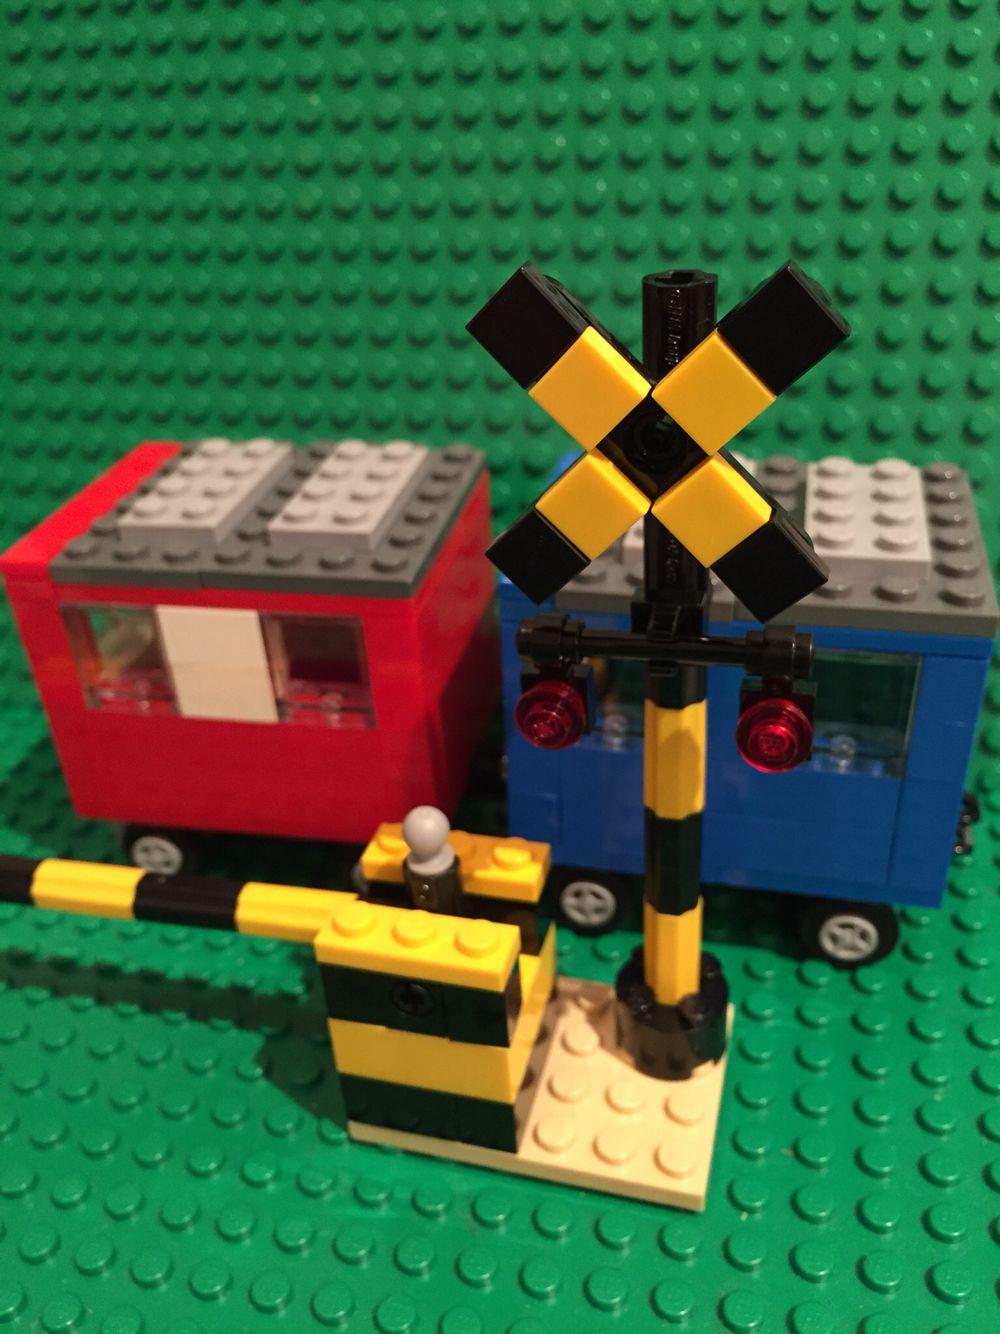 レゴで作る踏切 Lego Railroad Crossing レゴ レゴ アイデア 作る